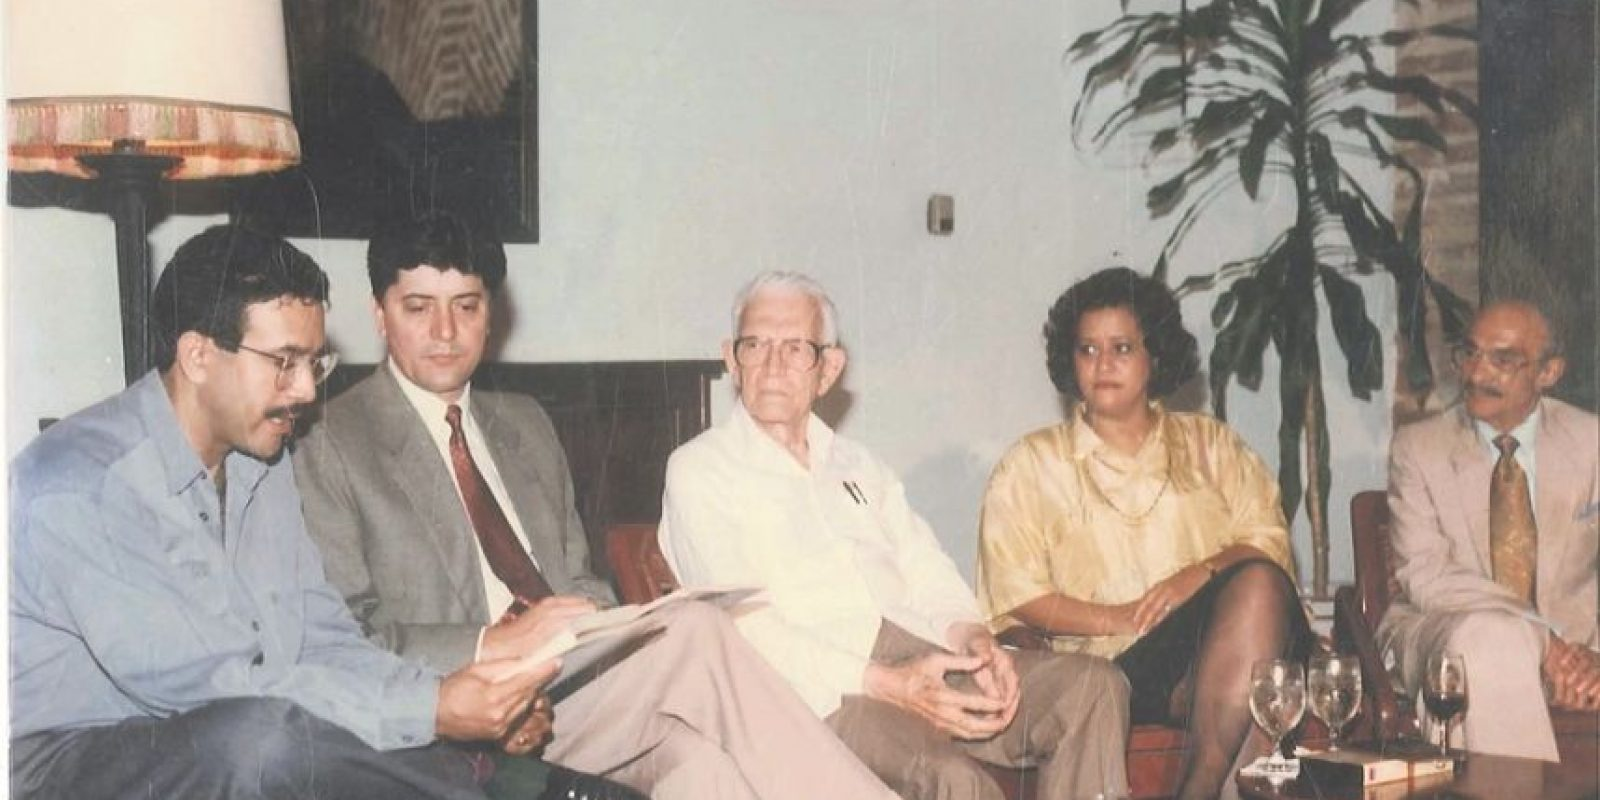 En el extremo derecho se observa a Pedro Mir sonriente; a él le encantaba escuchar la declamación de poesías. Foto:Archivo verónica sención